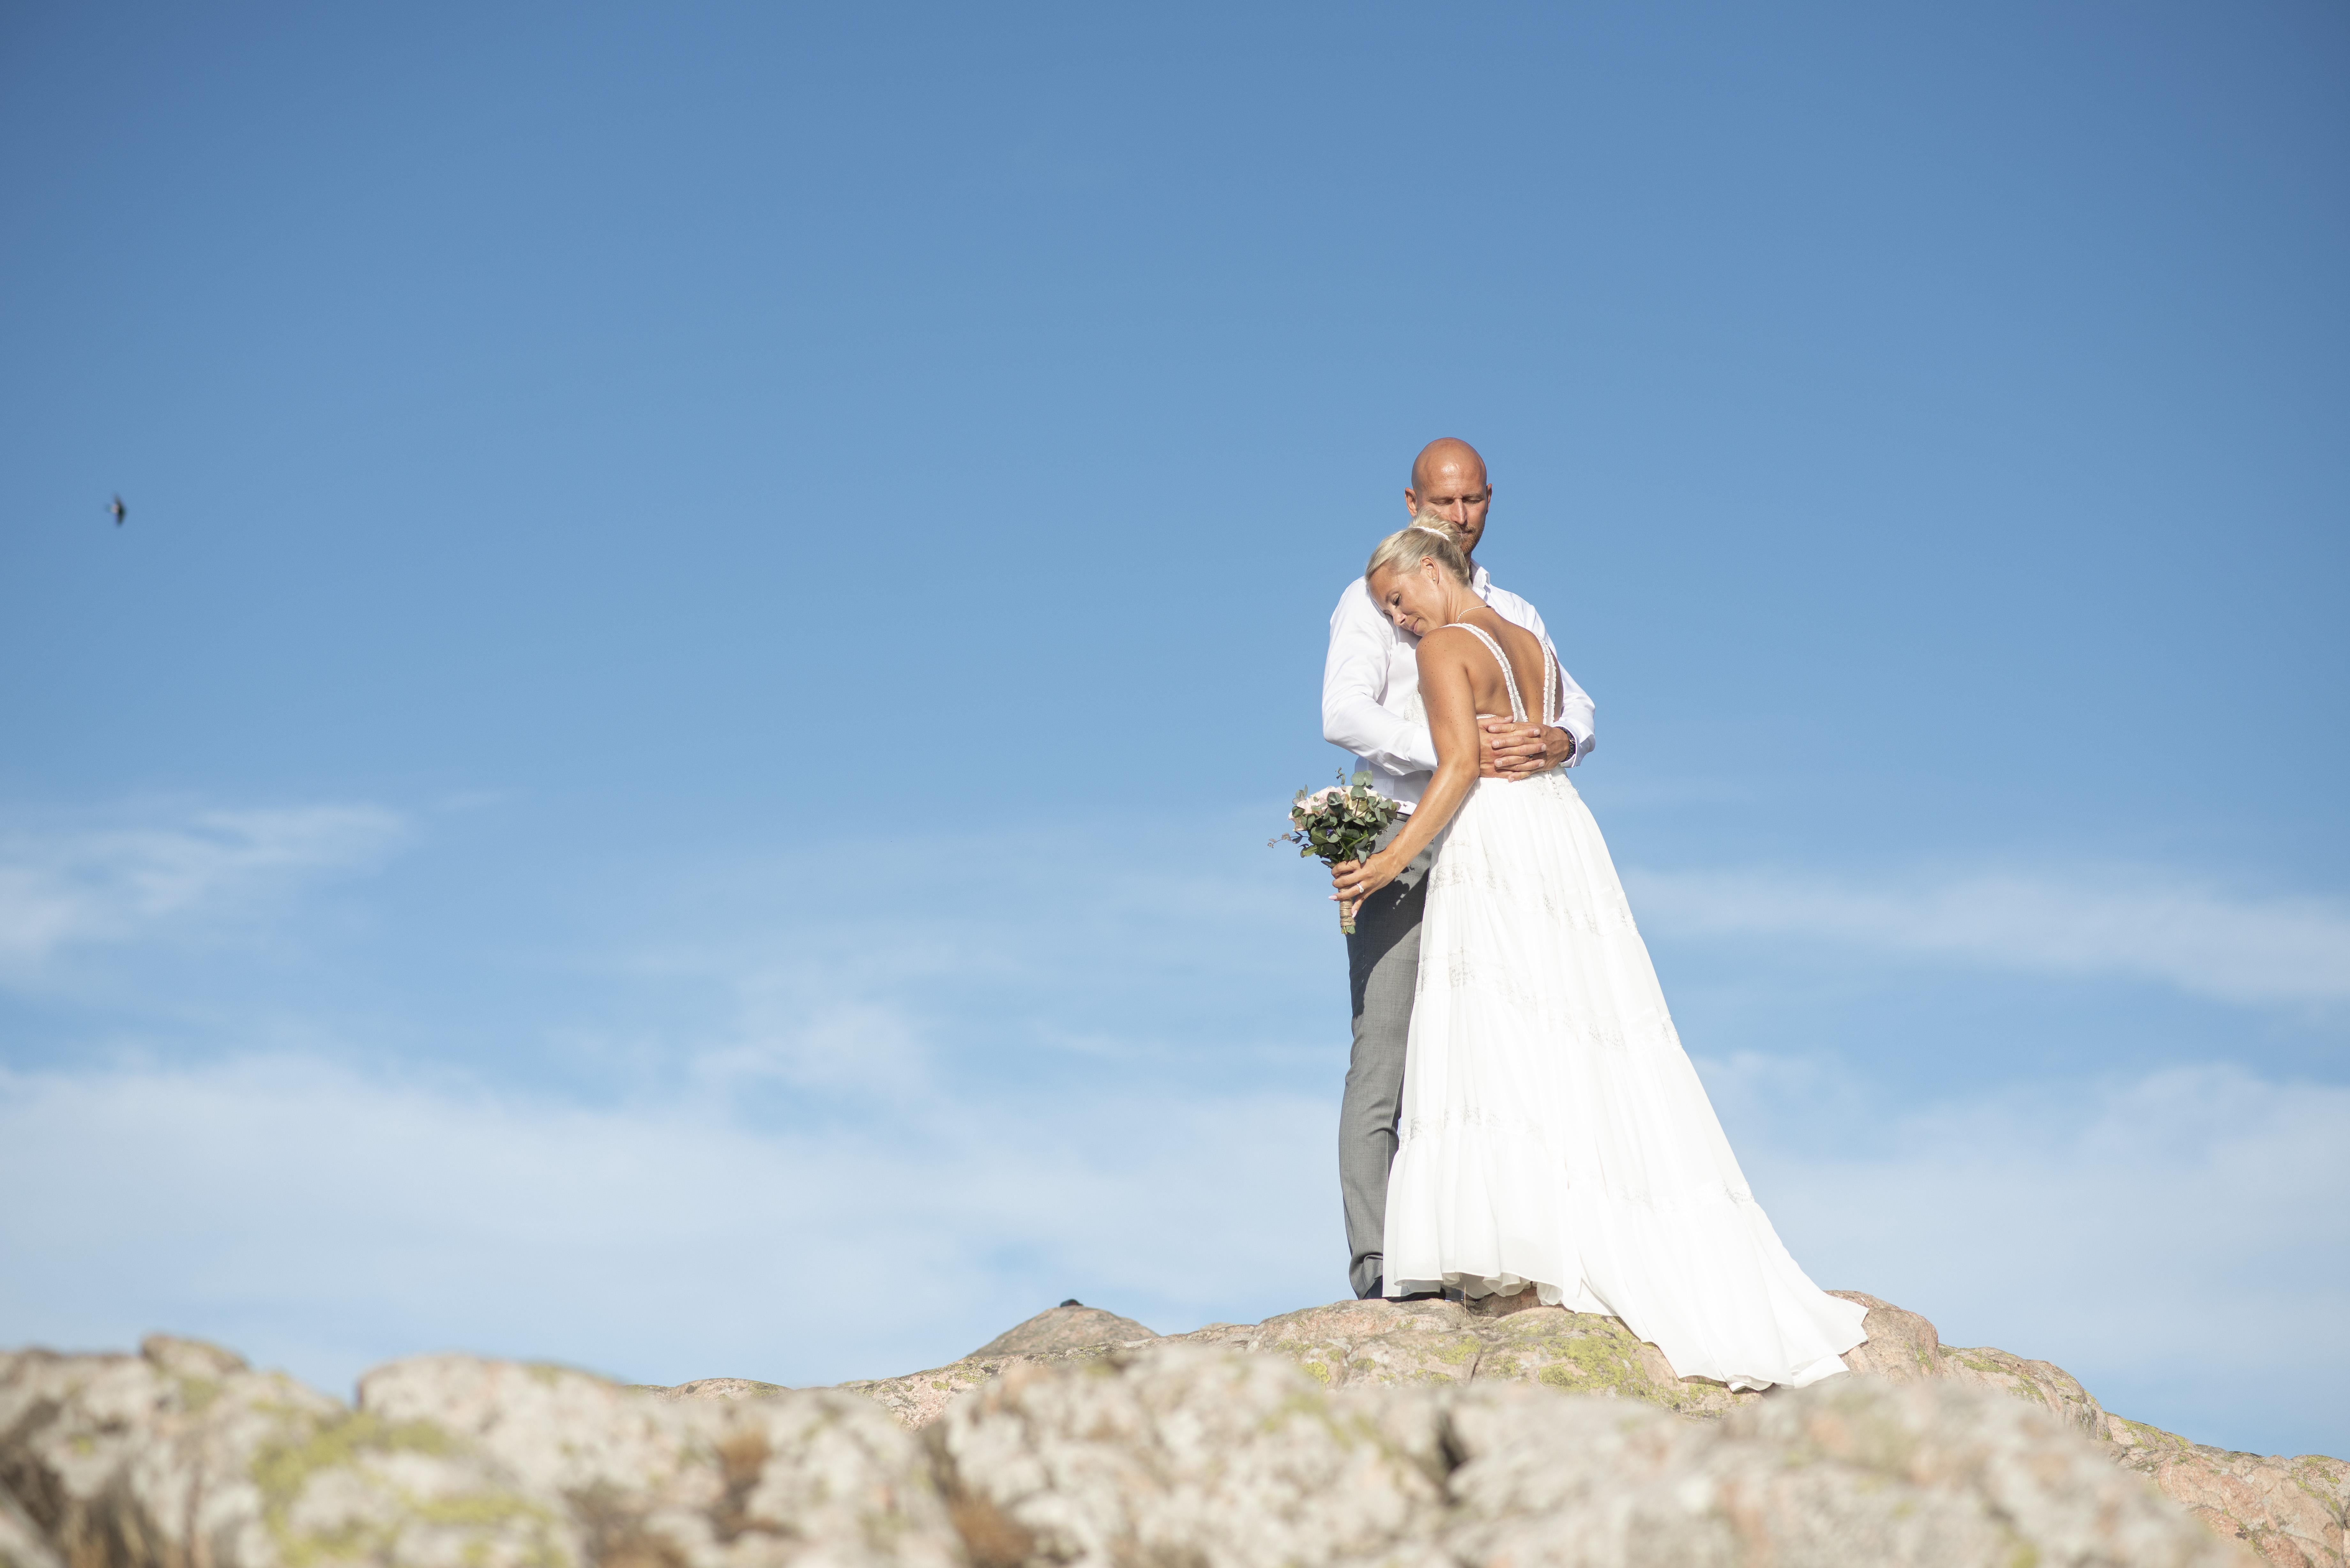 Jessica och Ronny gifter sig vid Kullens fyr